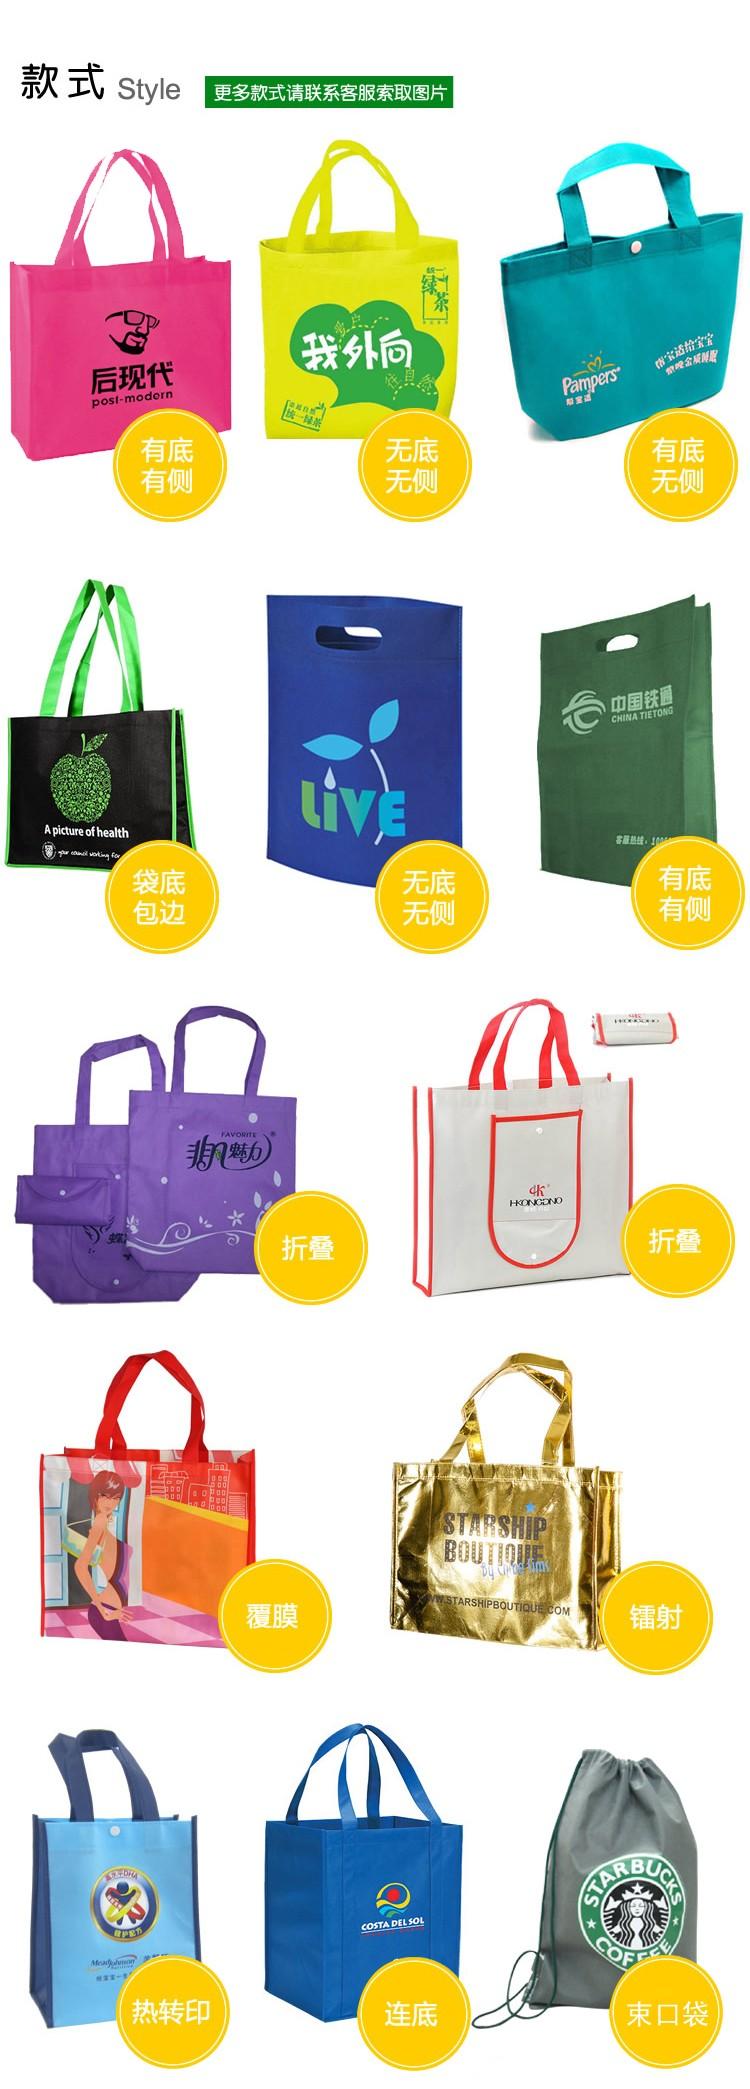 eco shopping bag style